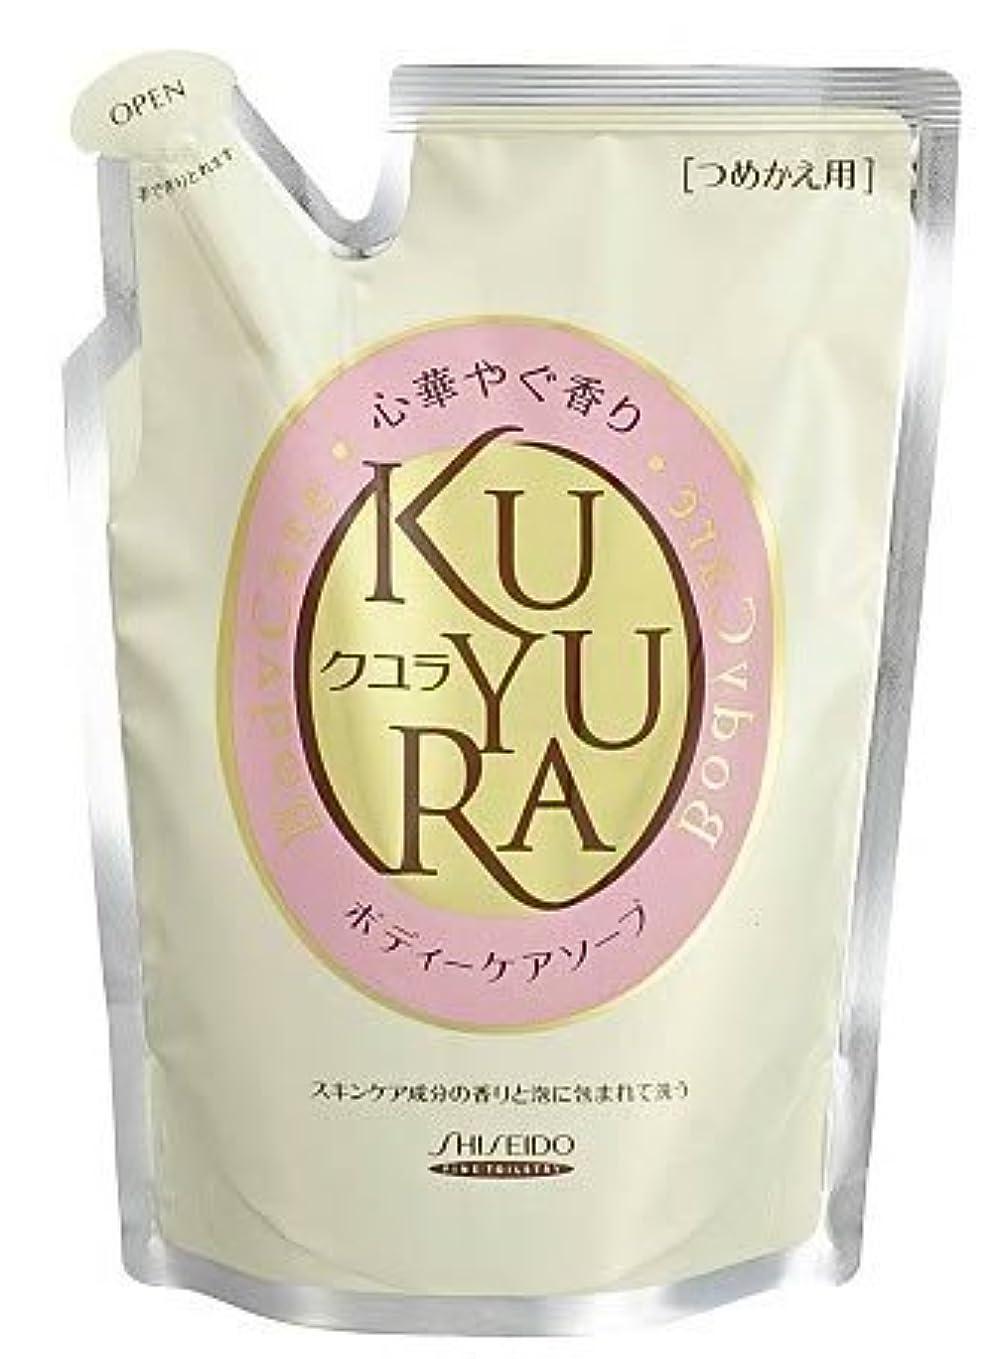 人工蒸留する件名クユラ ボディケアソープ 心華やぐ香り つめかえ用400ml x 10個セット